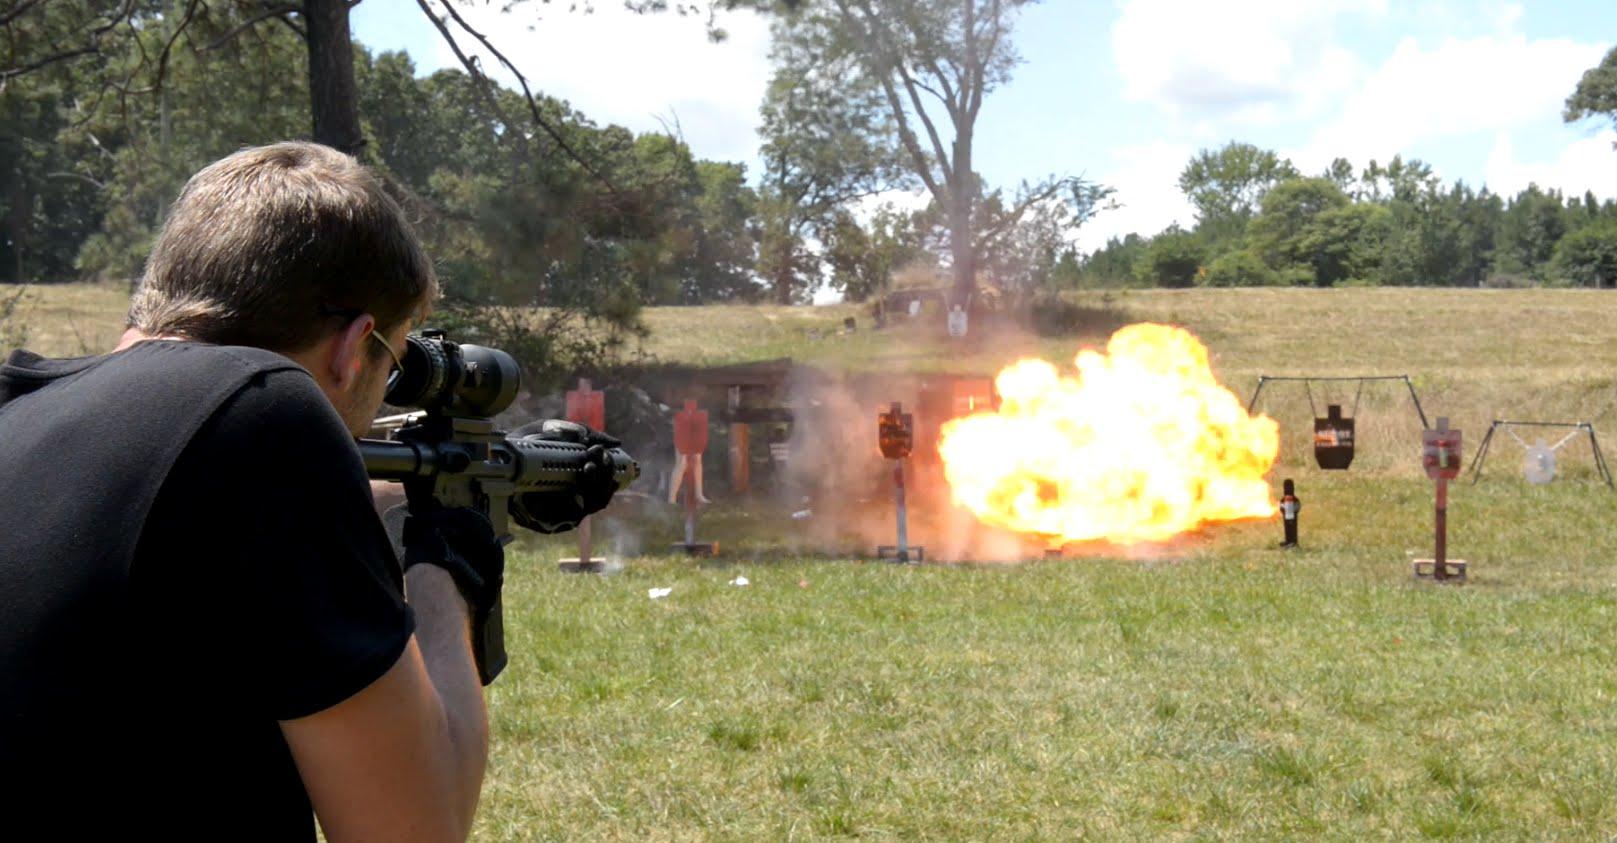 Houlding Precision G2L Carbon Fiber AR-15